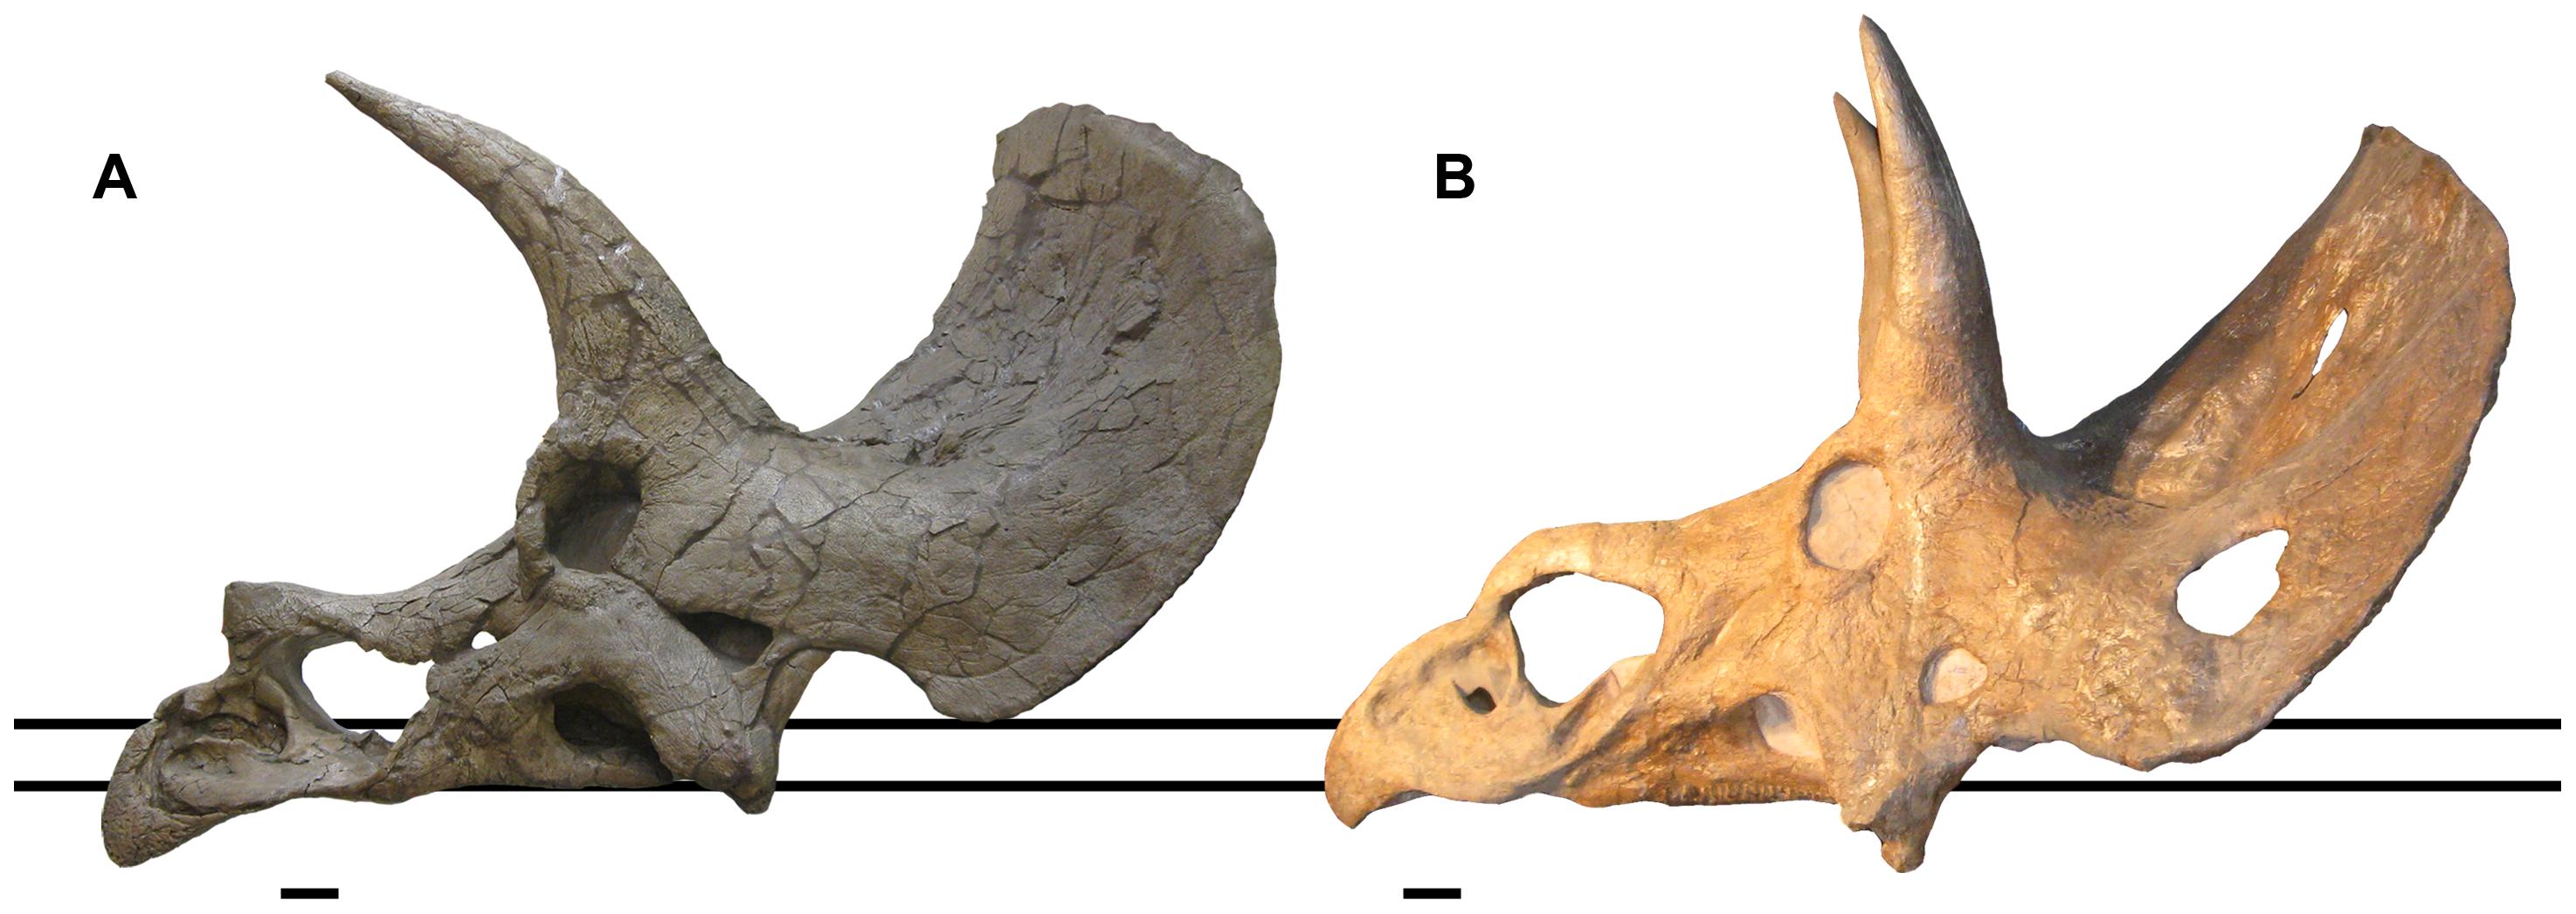 Comparaison des crânes de: A holotype Triceratops 'elatus' USNM 1201 et Nedoceratops USNM 2142. Barre d'échelle: 10 cm